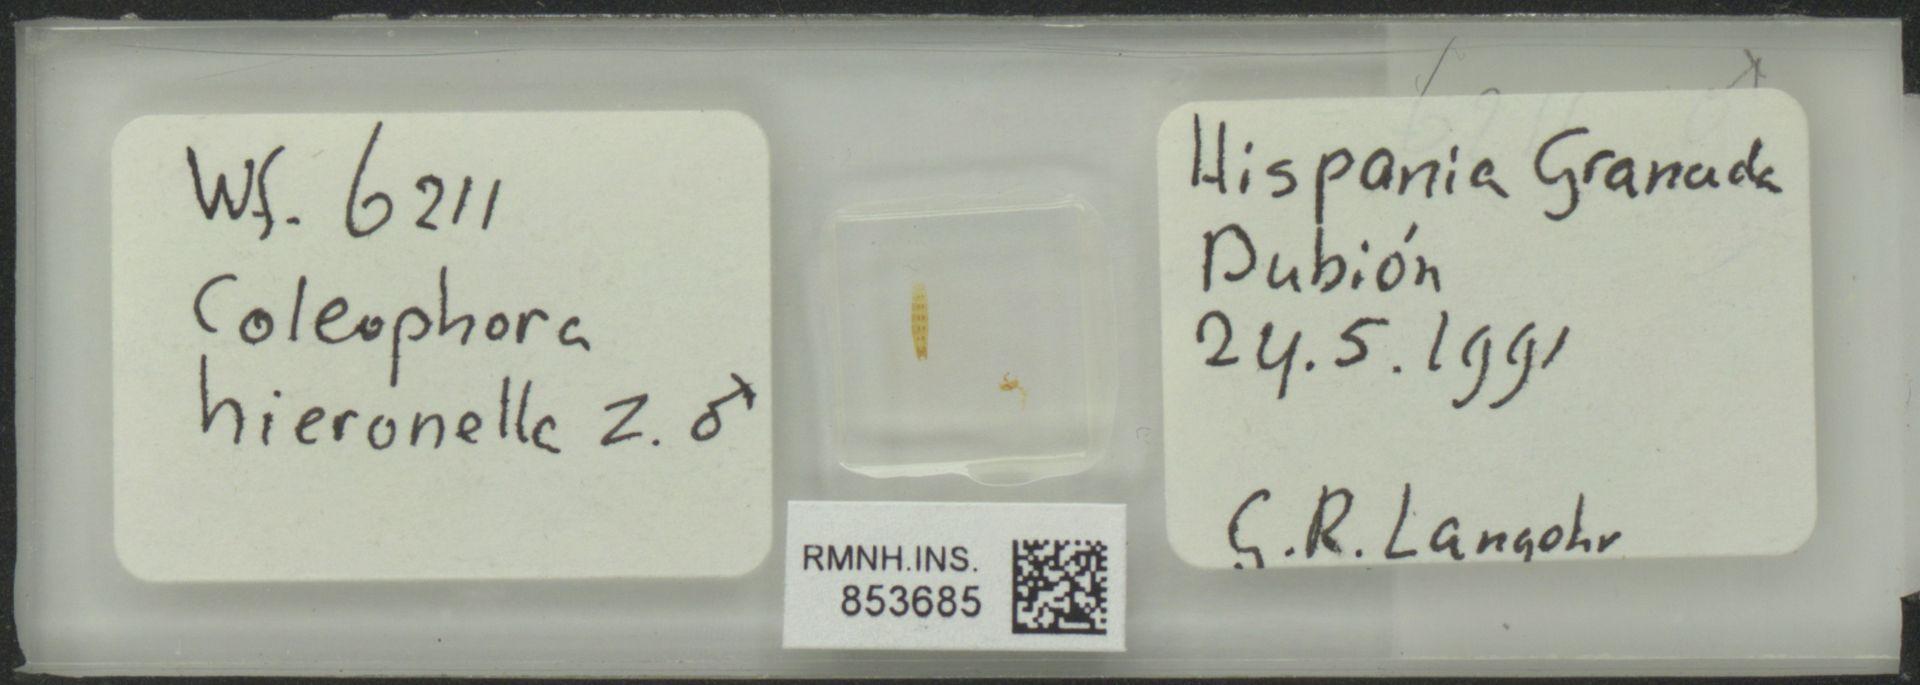 RMNH.INS.853685   Coleophora hieronella Z